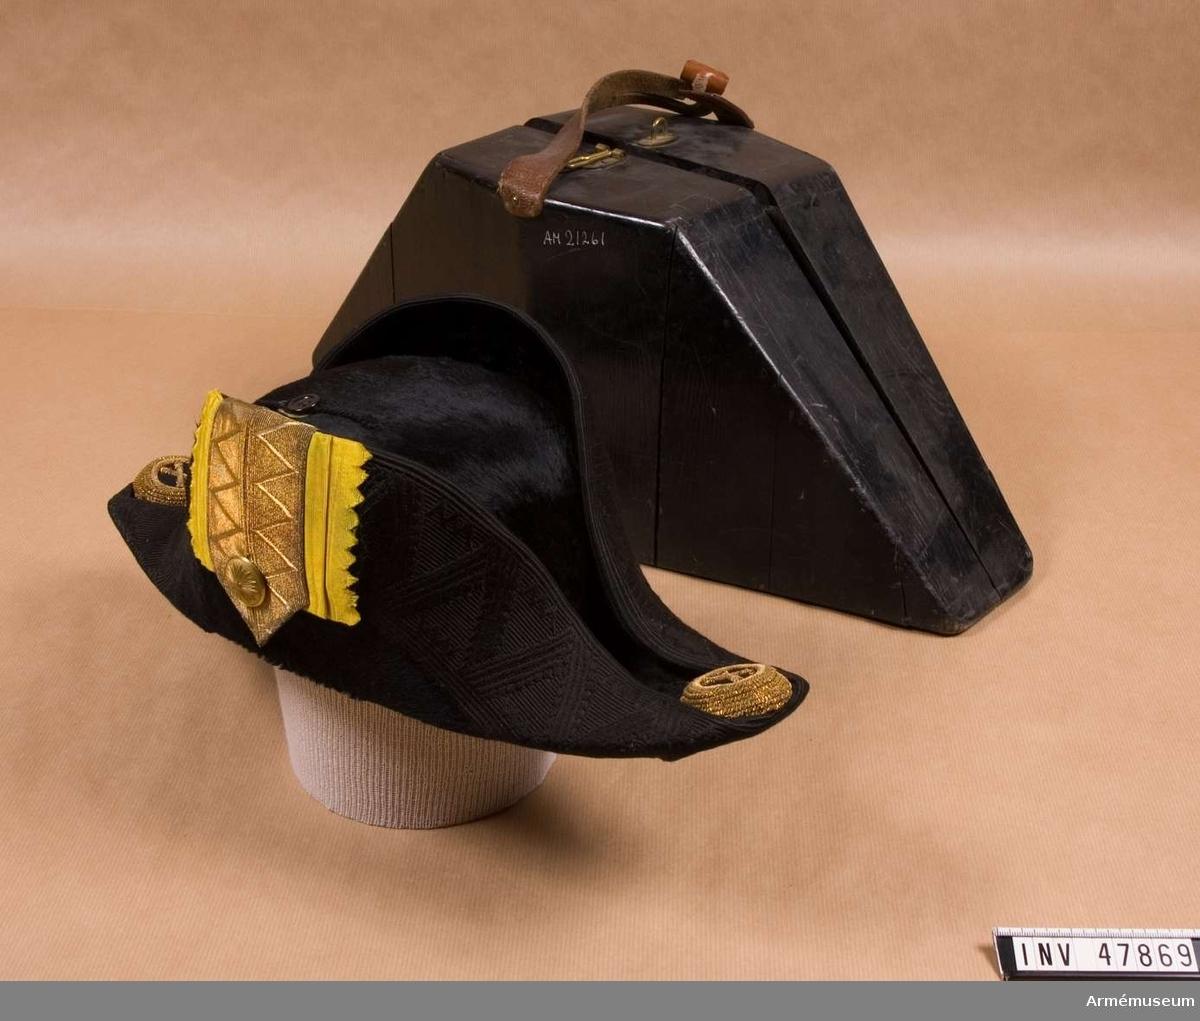 Grupp C I. Trekantig hatt m/1854-59. Ur uniform för överste vid Fortifikationen, bestående av  vapenrock, axelklaffar, långbyxor, trekantig hatt, plym, skärp, resårkängor, klacksporrar, spänne med ordensband. Buren av ståthållare Adolf Murray, överadjutant i H M Konungens (Gustaf V) stab, f d adjutant i H M Oscar II:s fd stab.